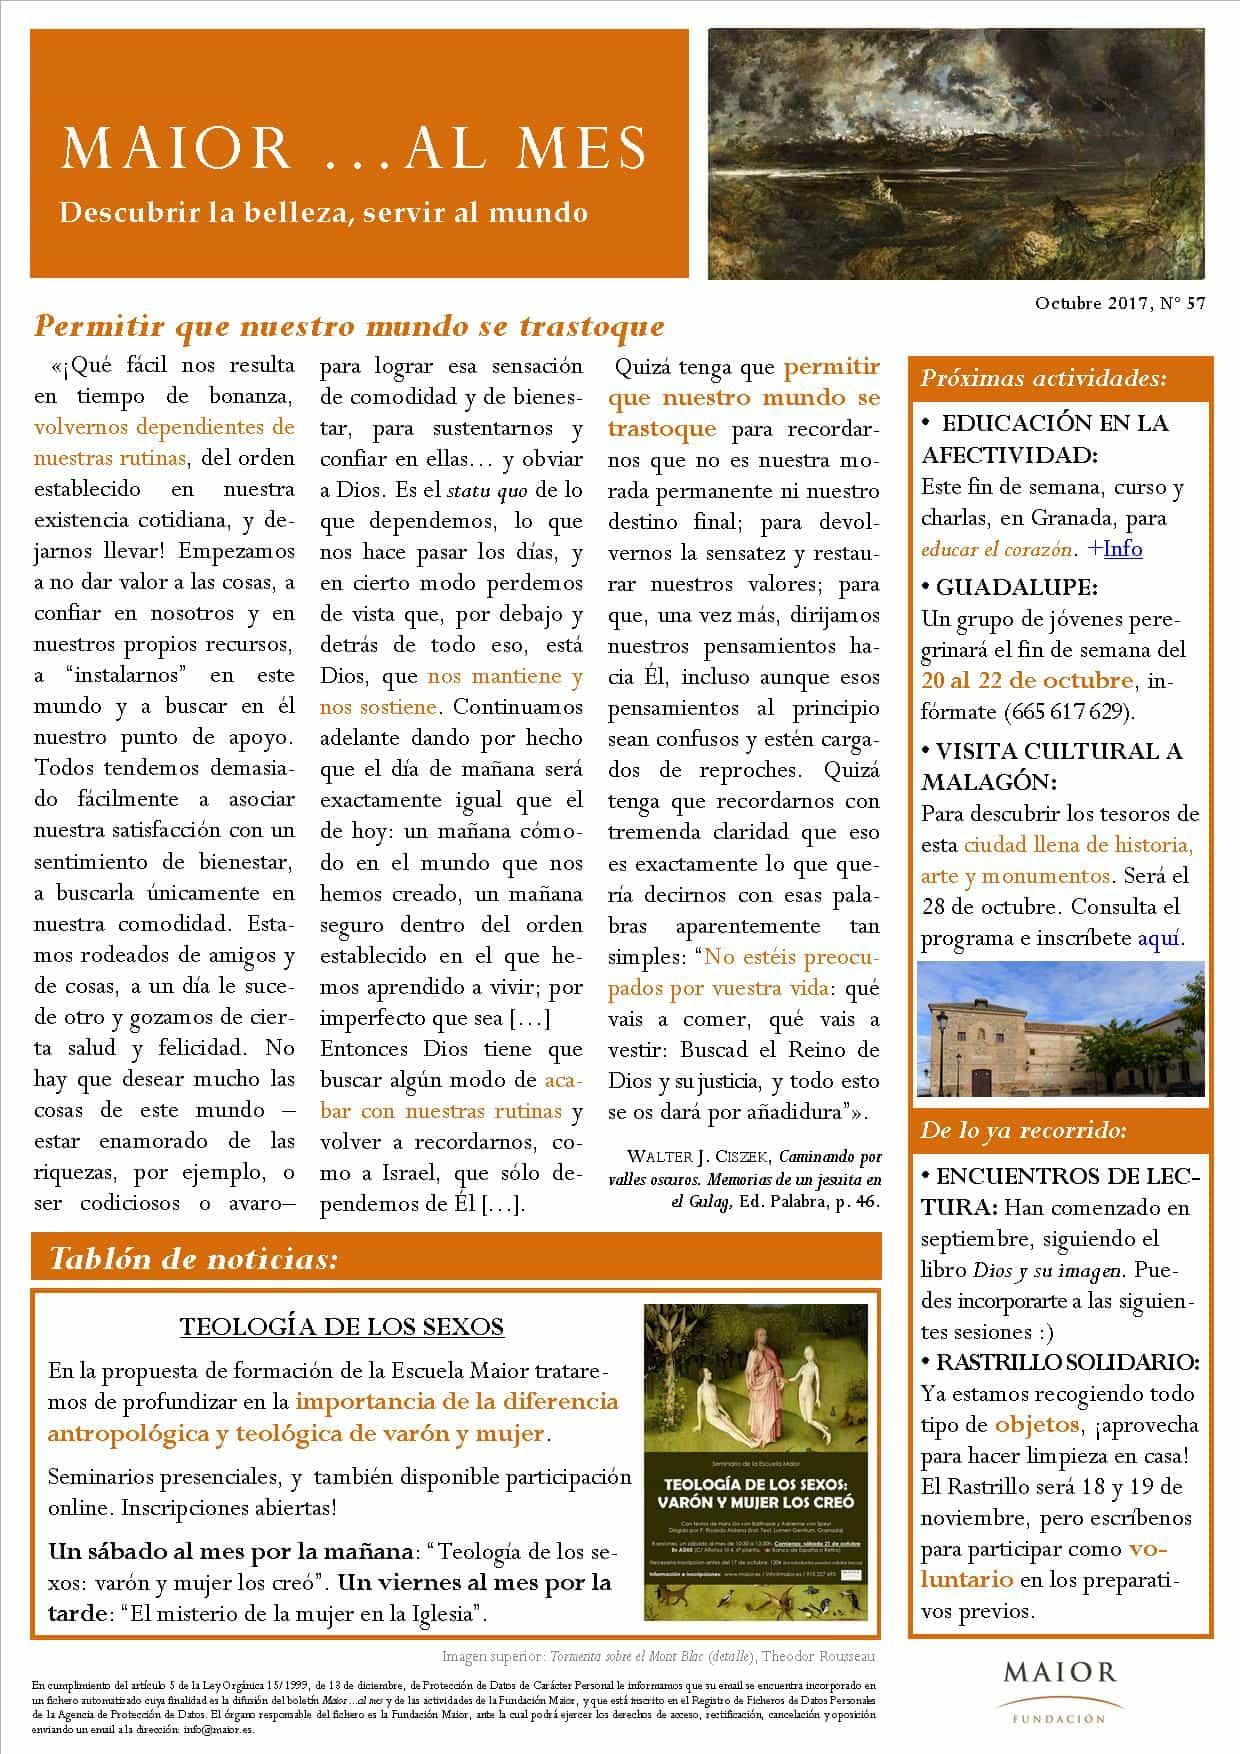 Boletín mensual de noticias y actividades de la Fundación Maior. Edición de octubre 2017